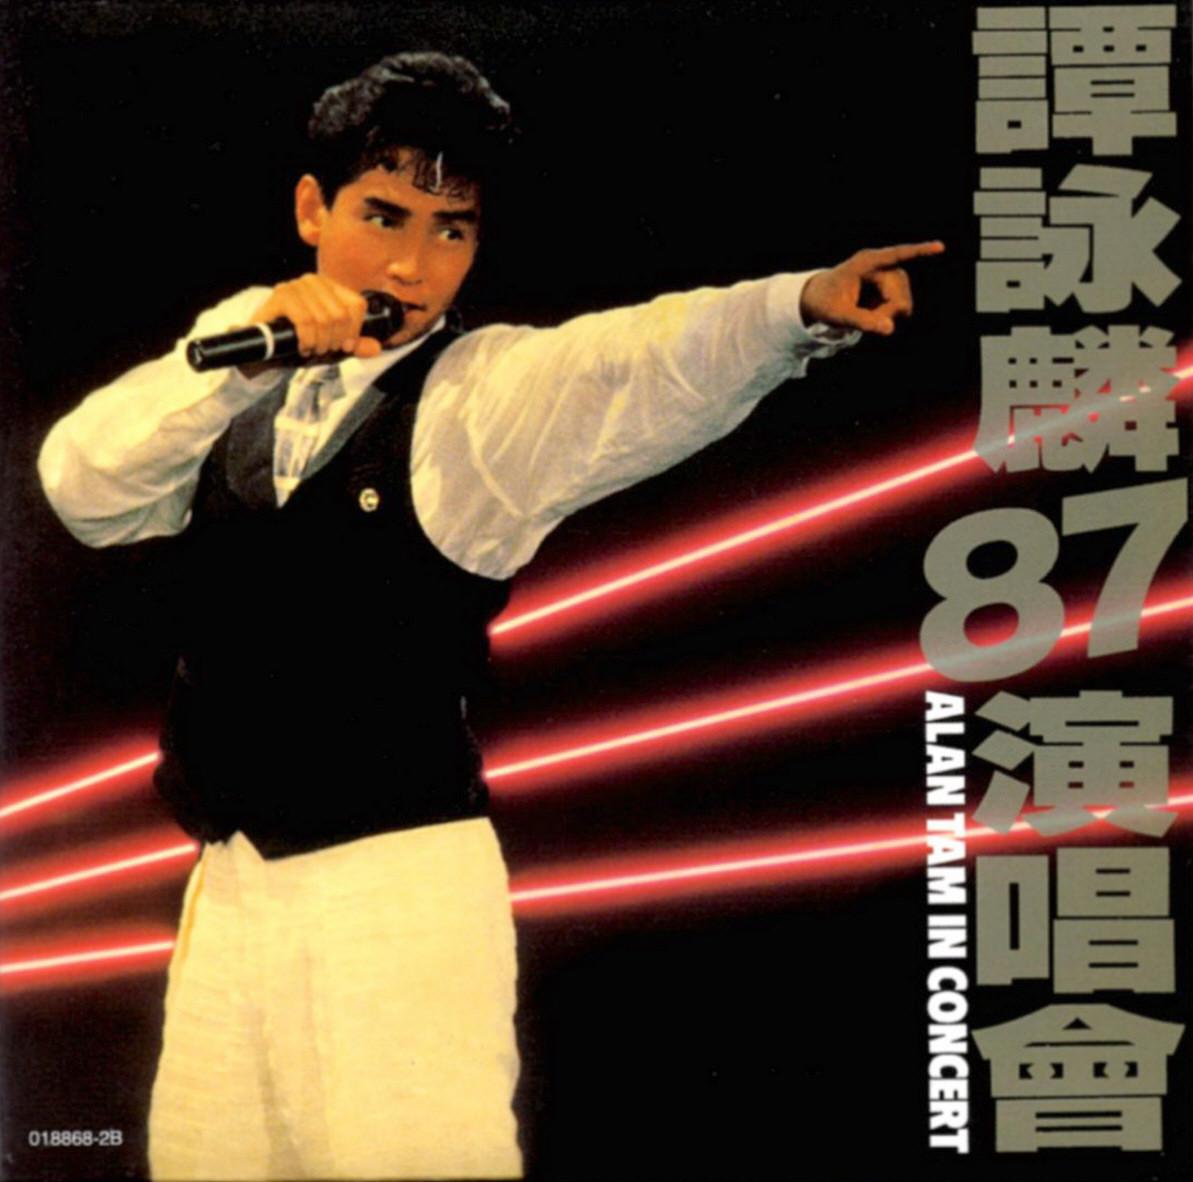 [1987-09-28] 谭咏麟 87演唱会